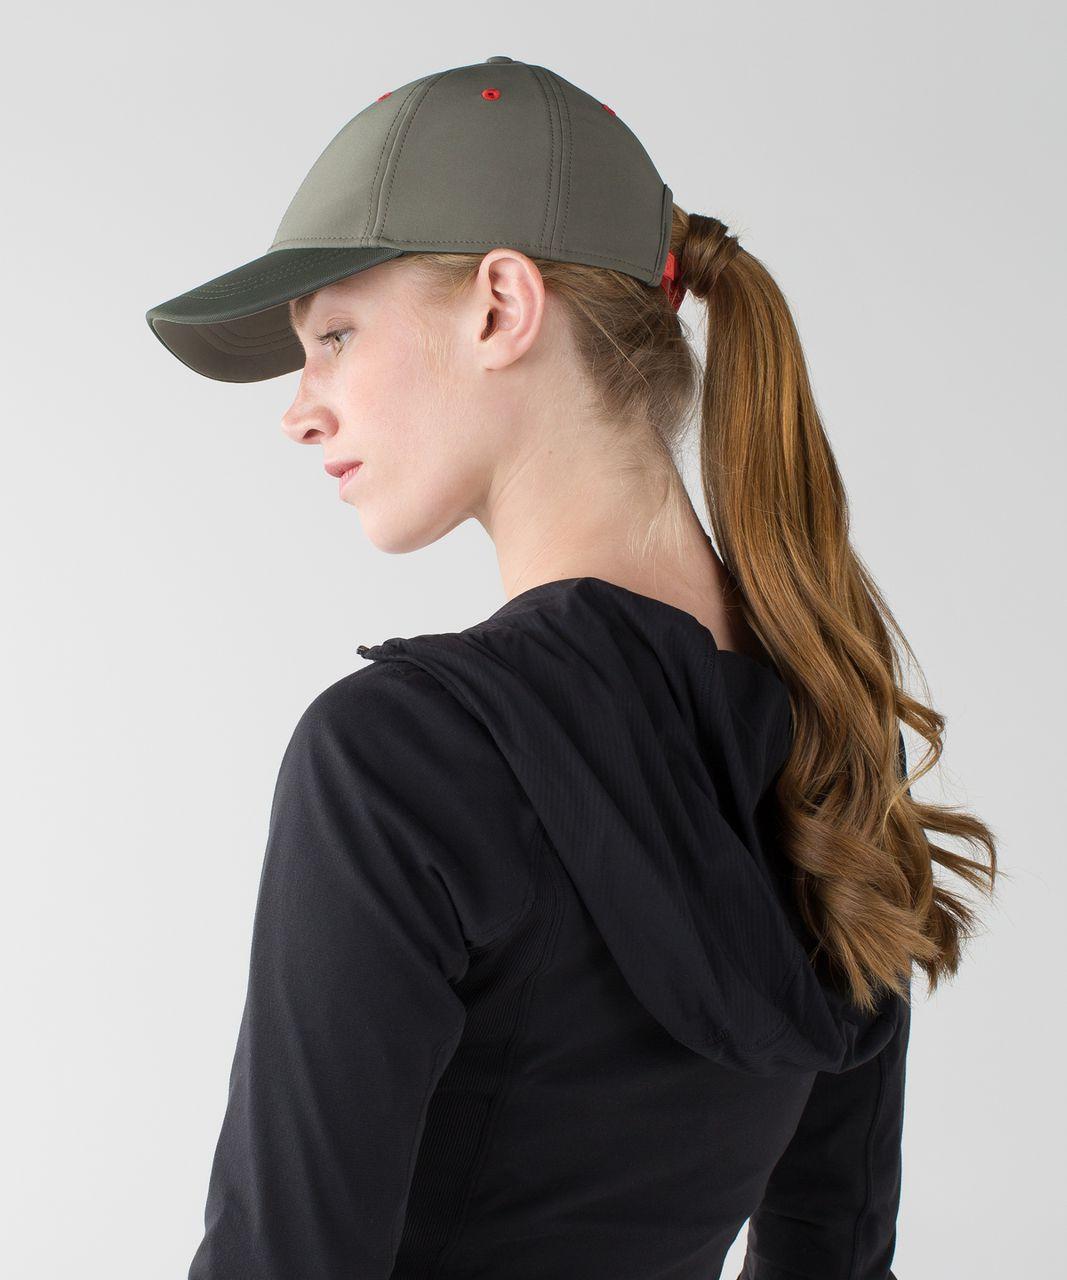 052b502016a Lululemon Baller Hat - Fatigue Green   Heathered Gator Green - lulu fanatics